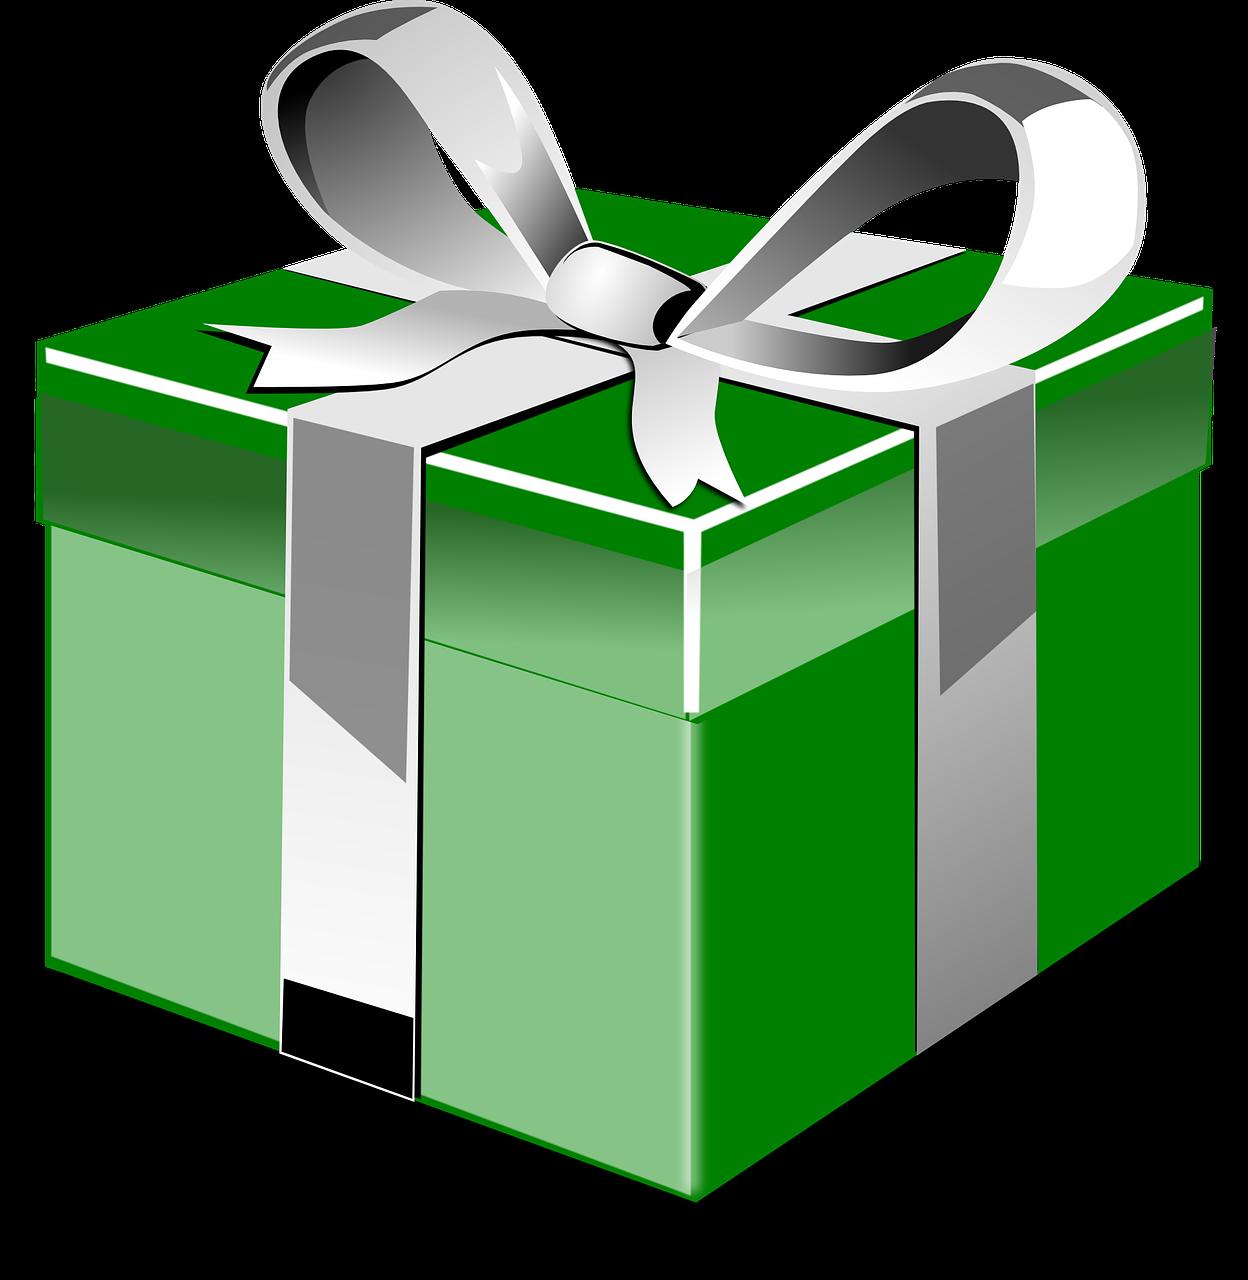 מתנה ירוקה